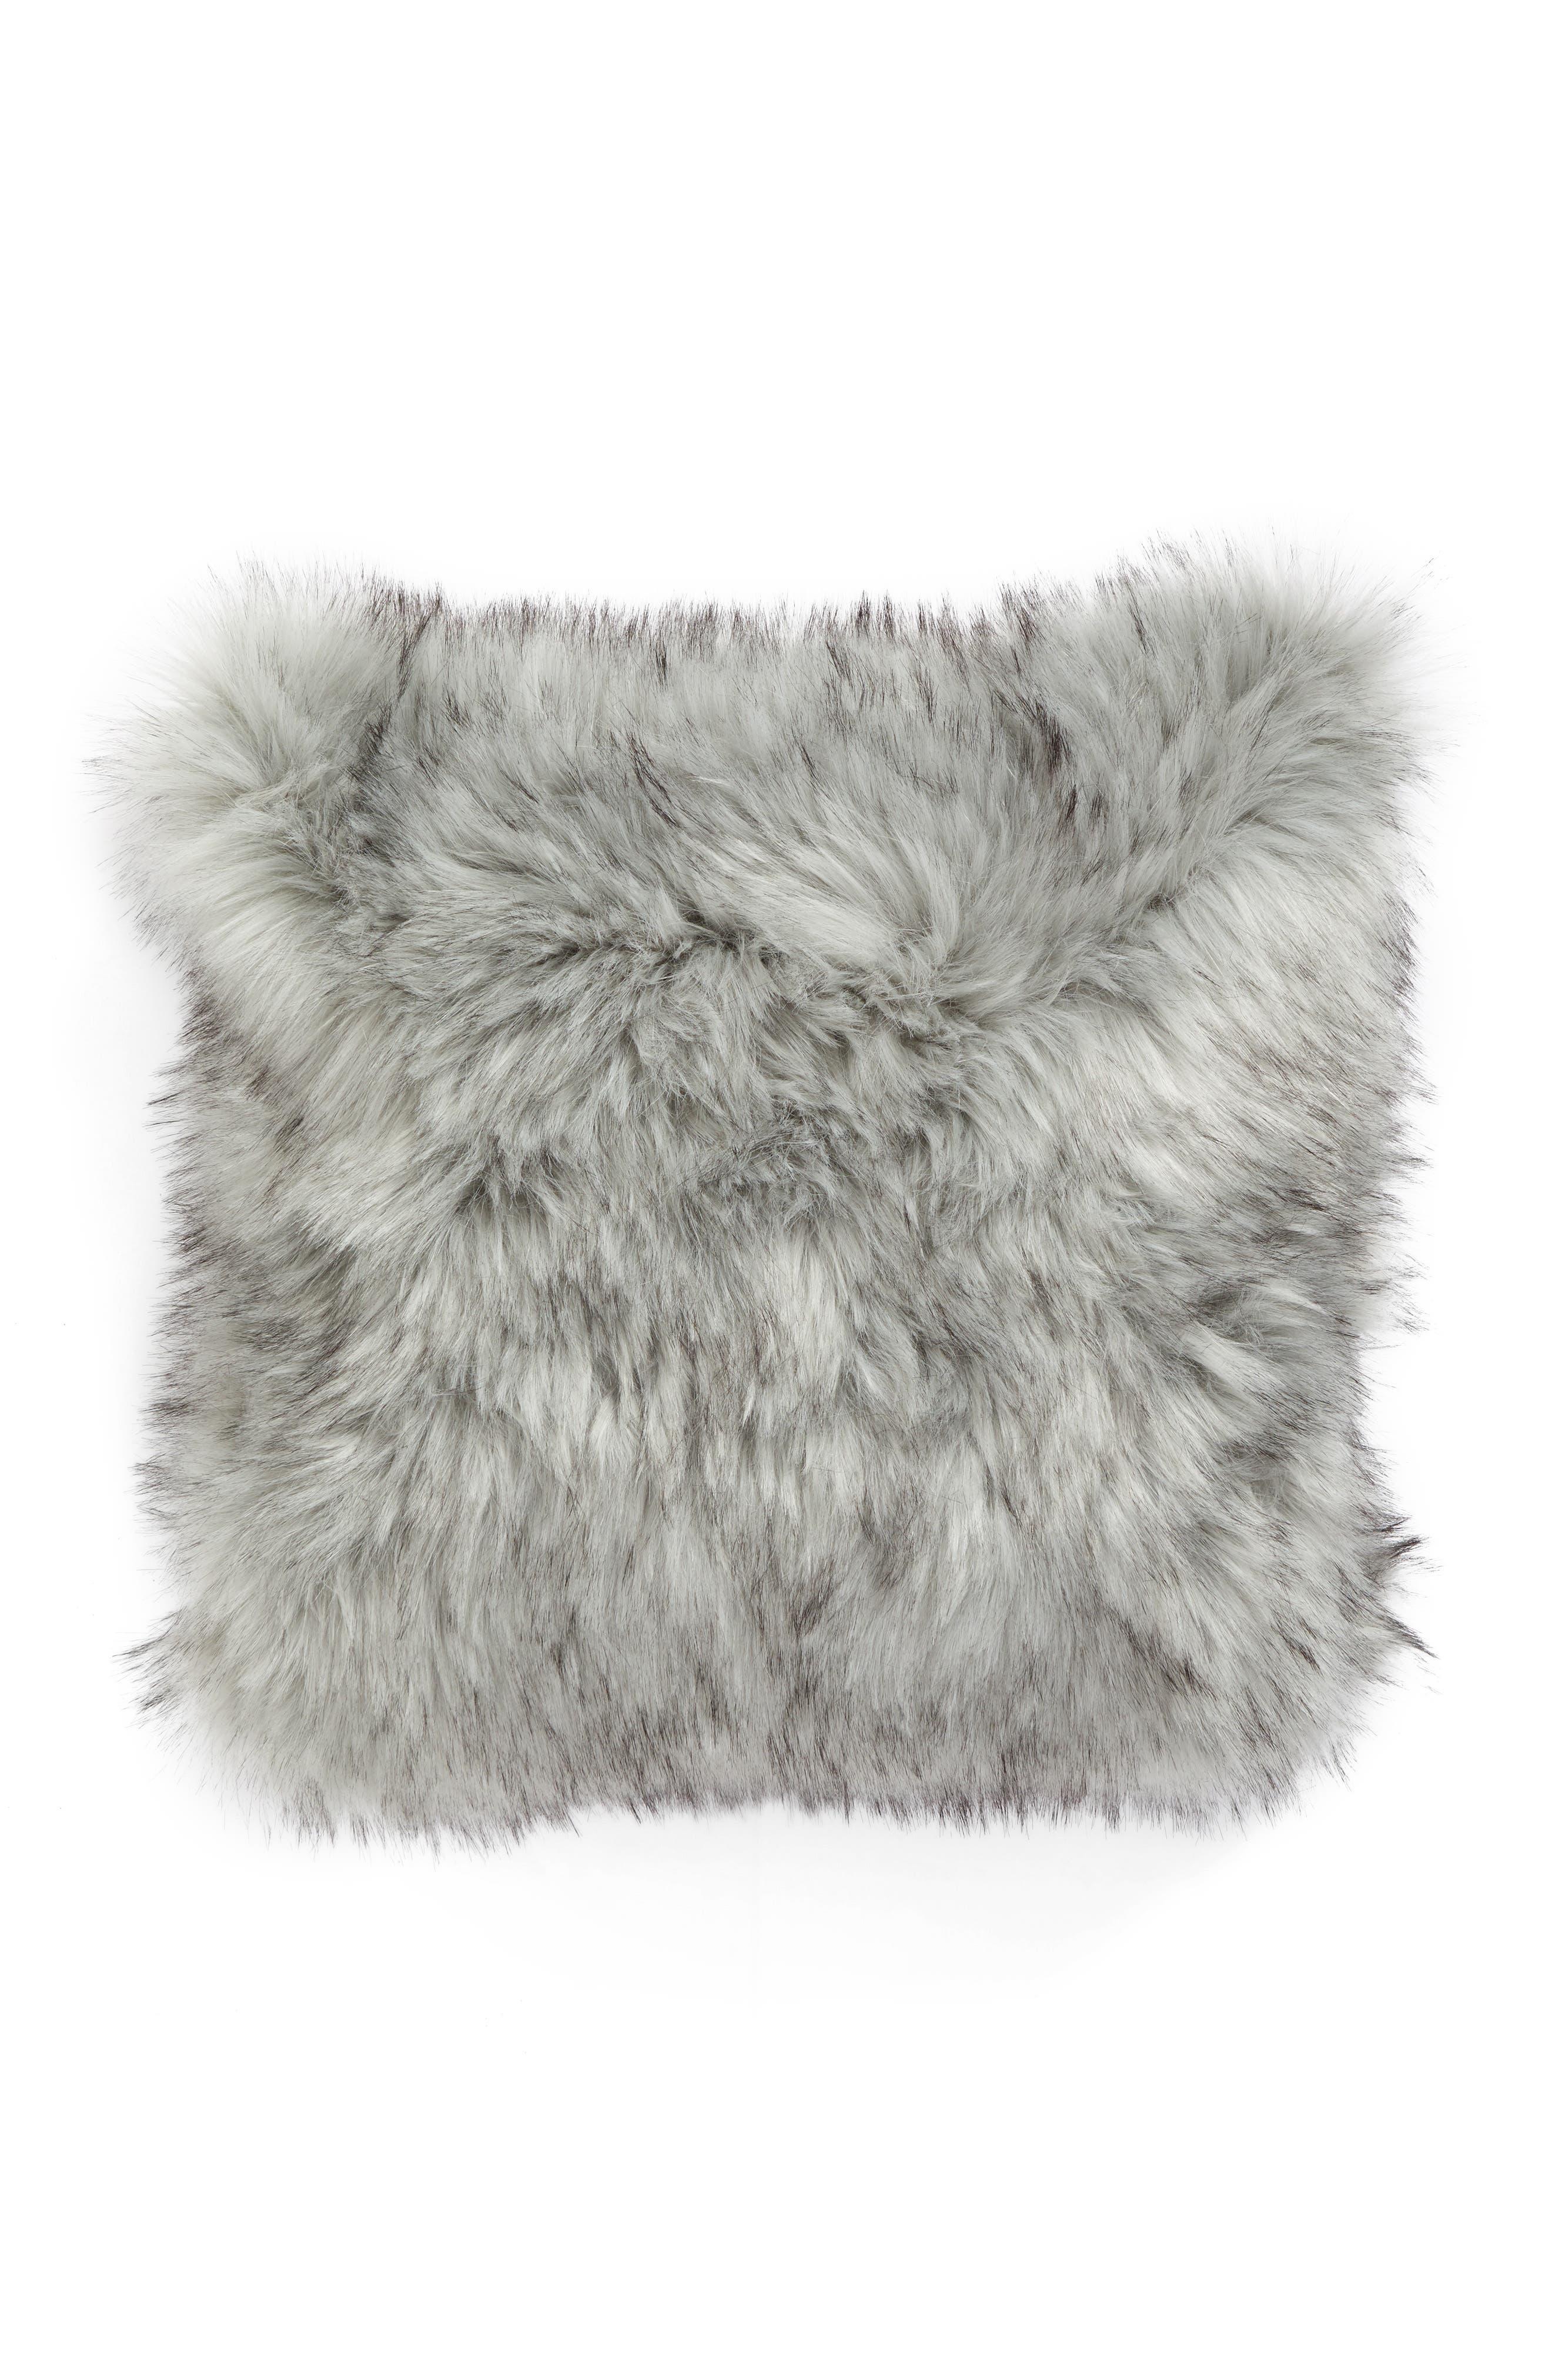 Faux Fur Accent Pillow,                             Alternate thumbnail 2, color,                             020